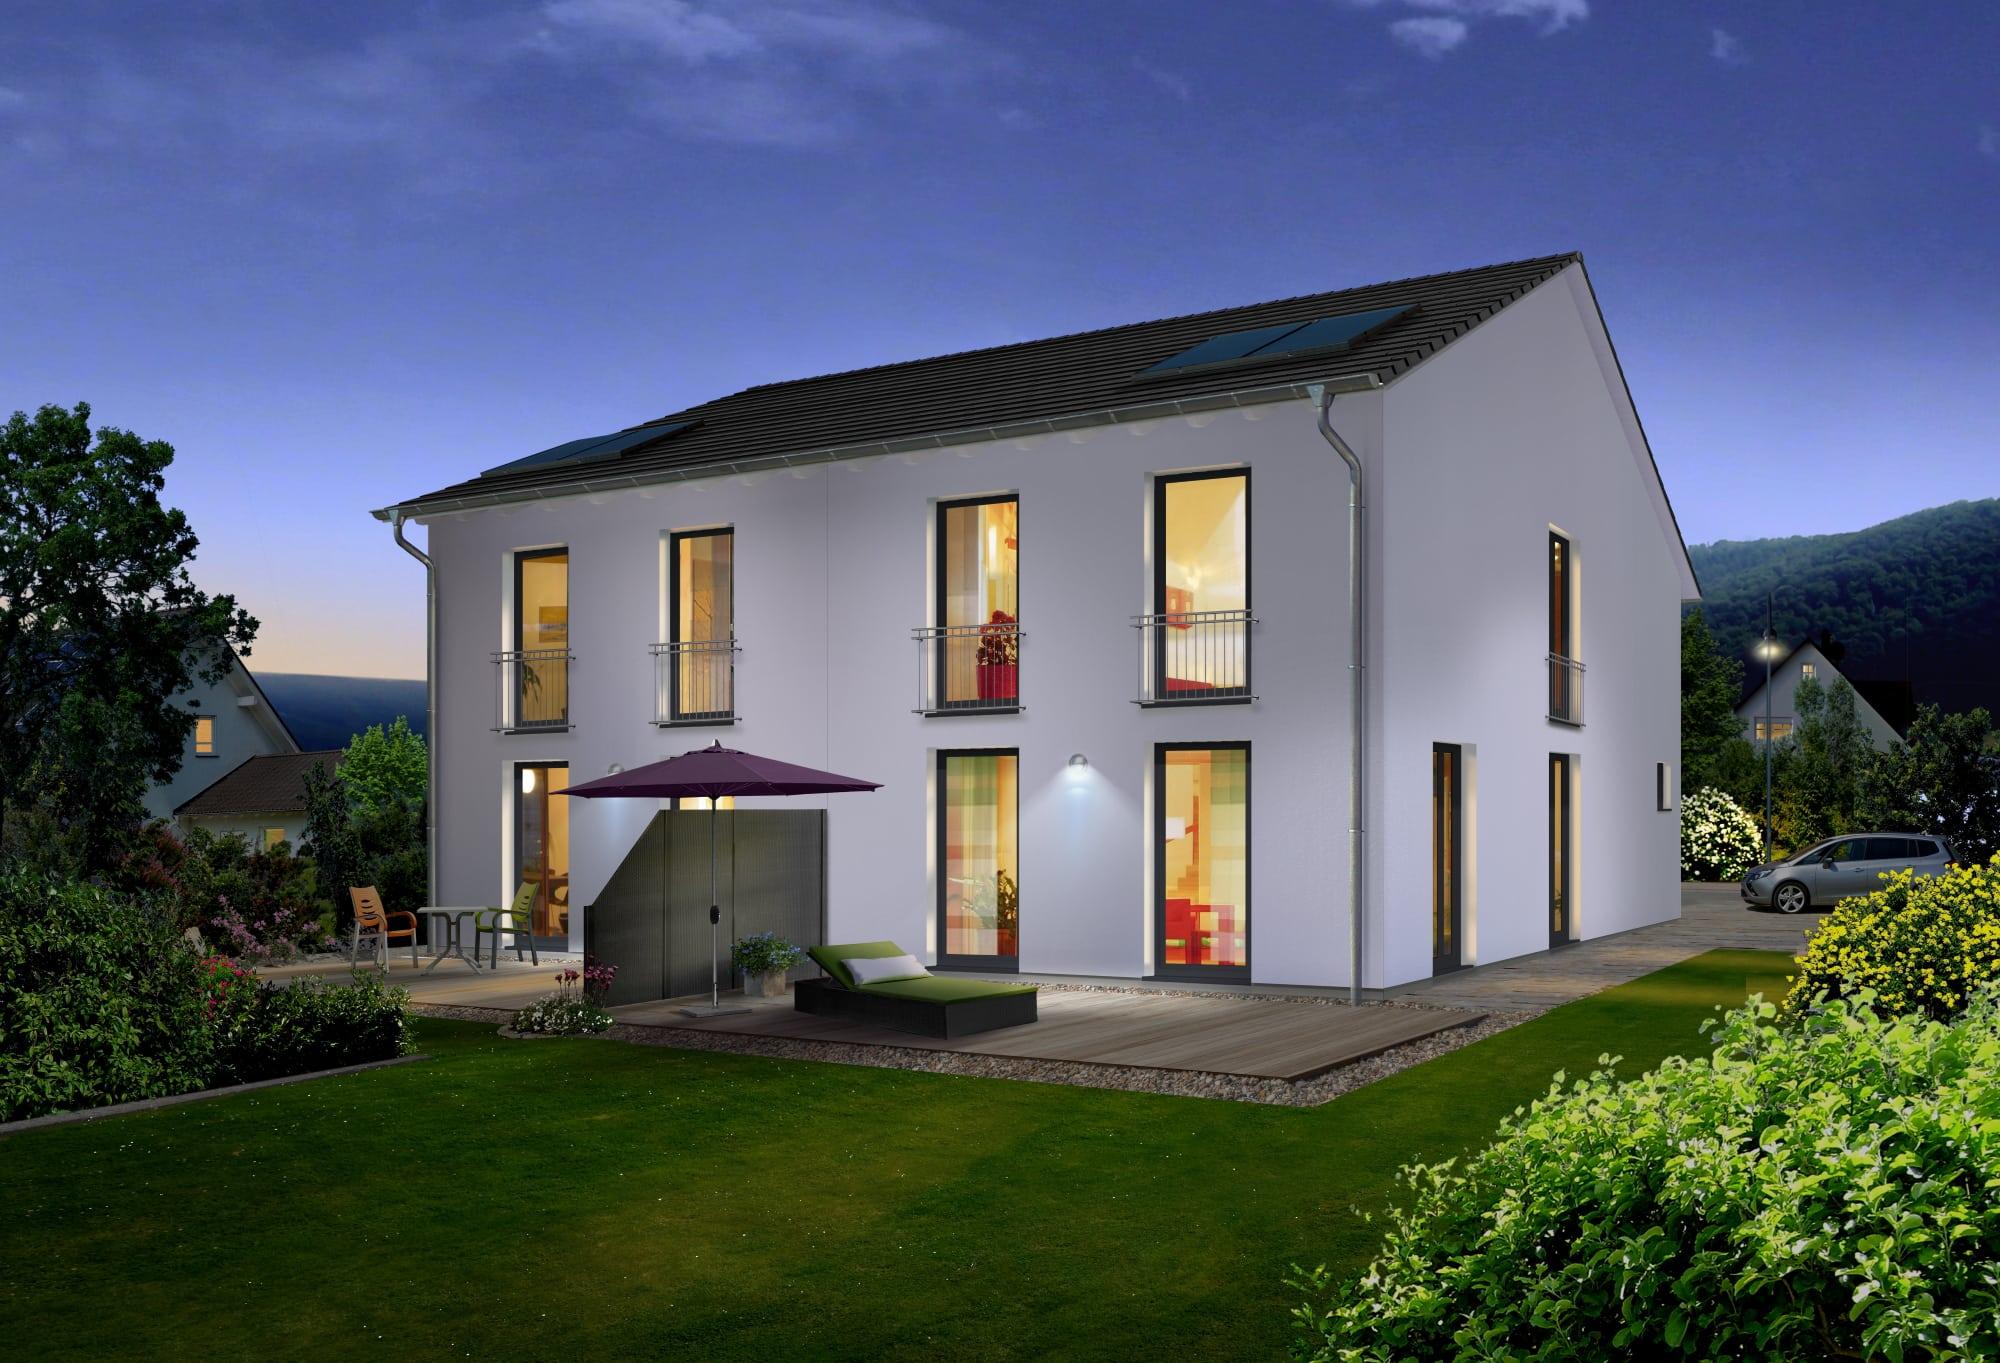 Schmales Doppelhaus modern mit Satteldach Architektur - Massivhaus schlüsselfertig bauen Ideen Town Country Haus Aura 125 Elgance - HausbauDirekt.de